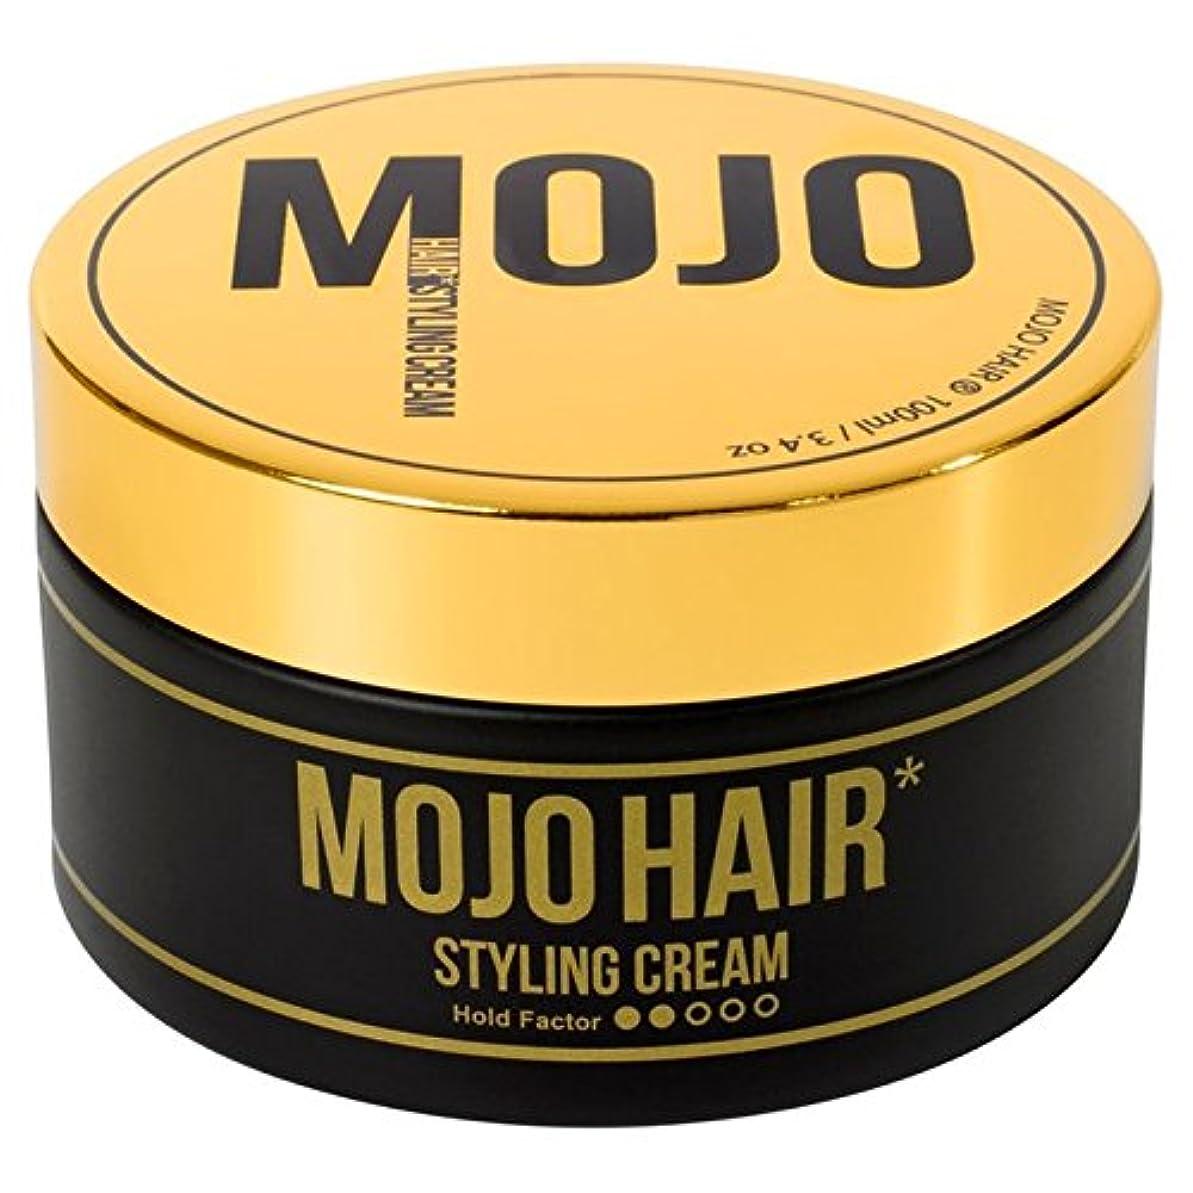 驚バルブ自殺100ミリリットル男性のためのモジョのヘアスタイリングクリーム x4 - MOJO HAIR Styling Cream for Men 100ml (Pack of 4) [並行輸入品]